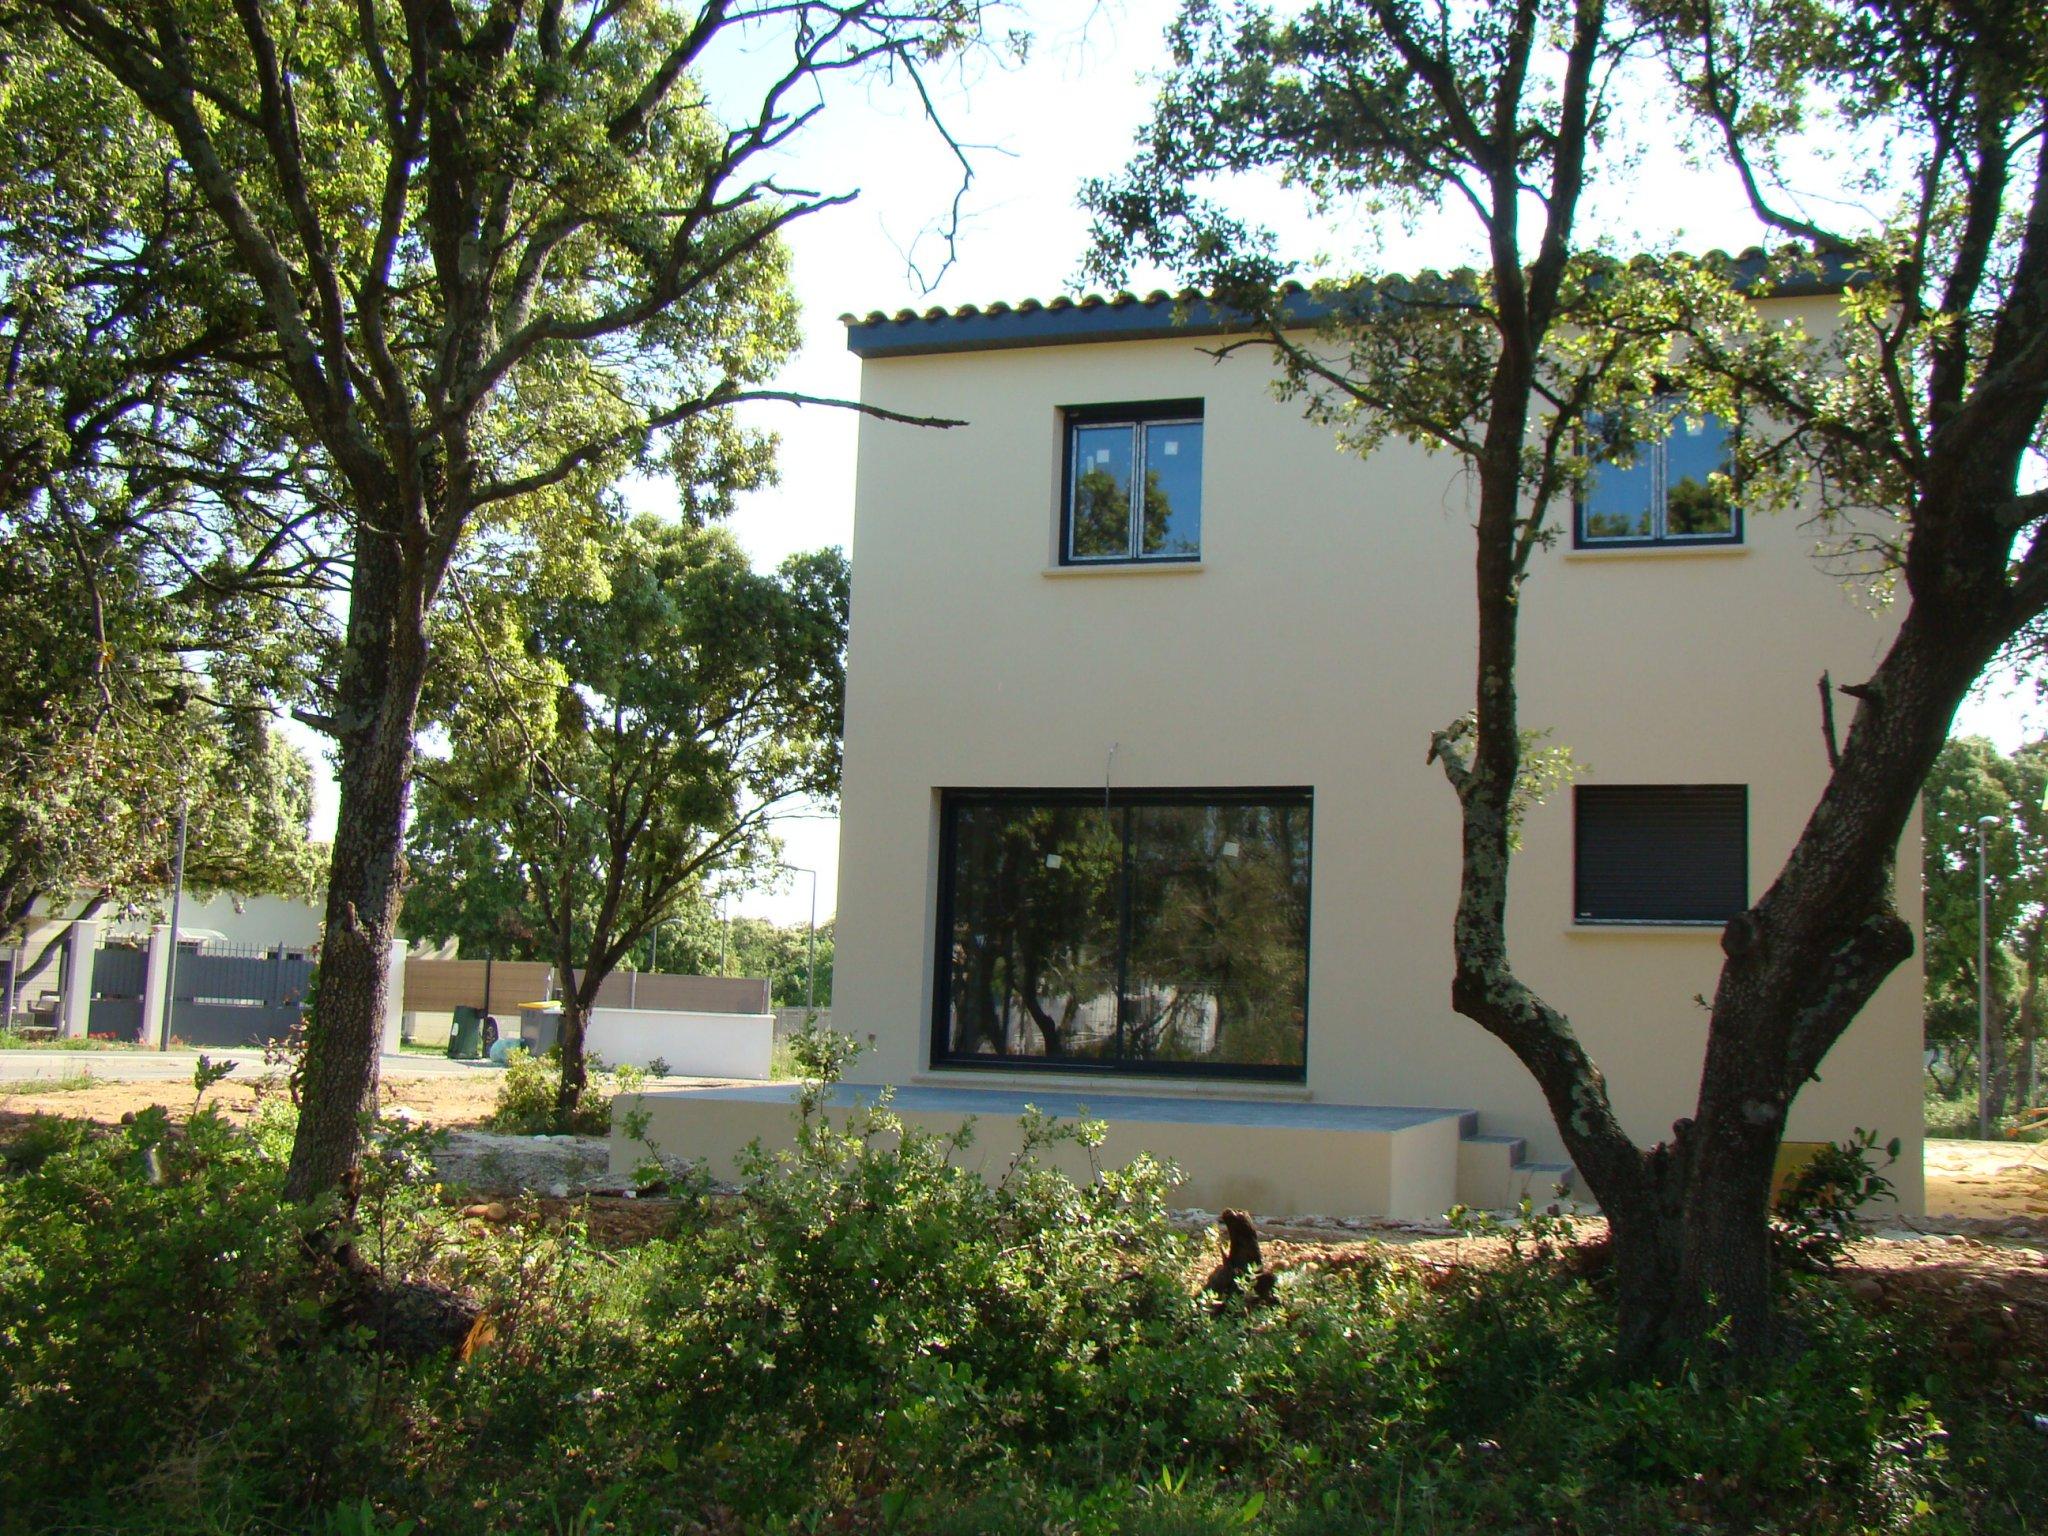 Maisons du constructeur ALPHA VILLAS • 85 m² • ENTRAIGUES SUR LA SORGUE